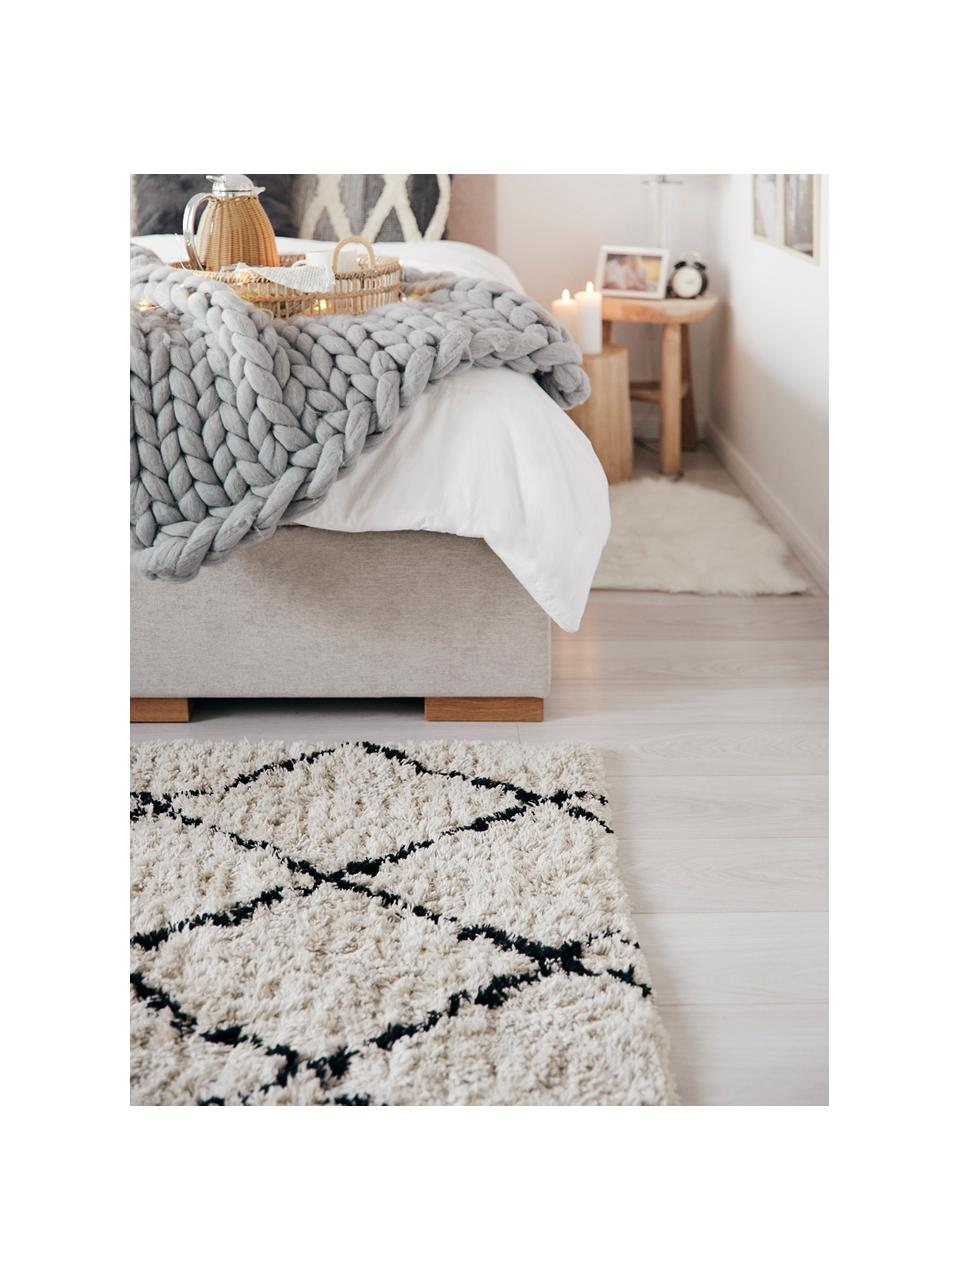 Načechraný koberec s vysokým vlasem Naima, ručně všívaný, Béžová, černá